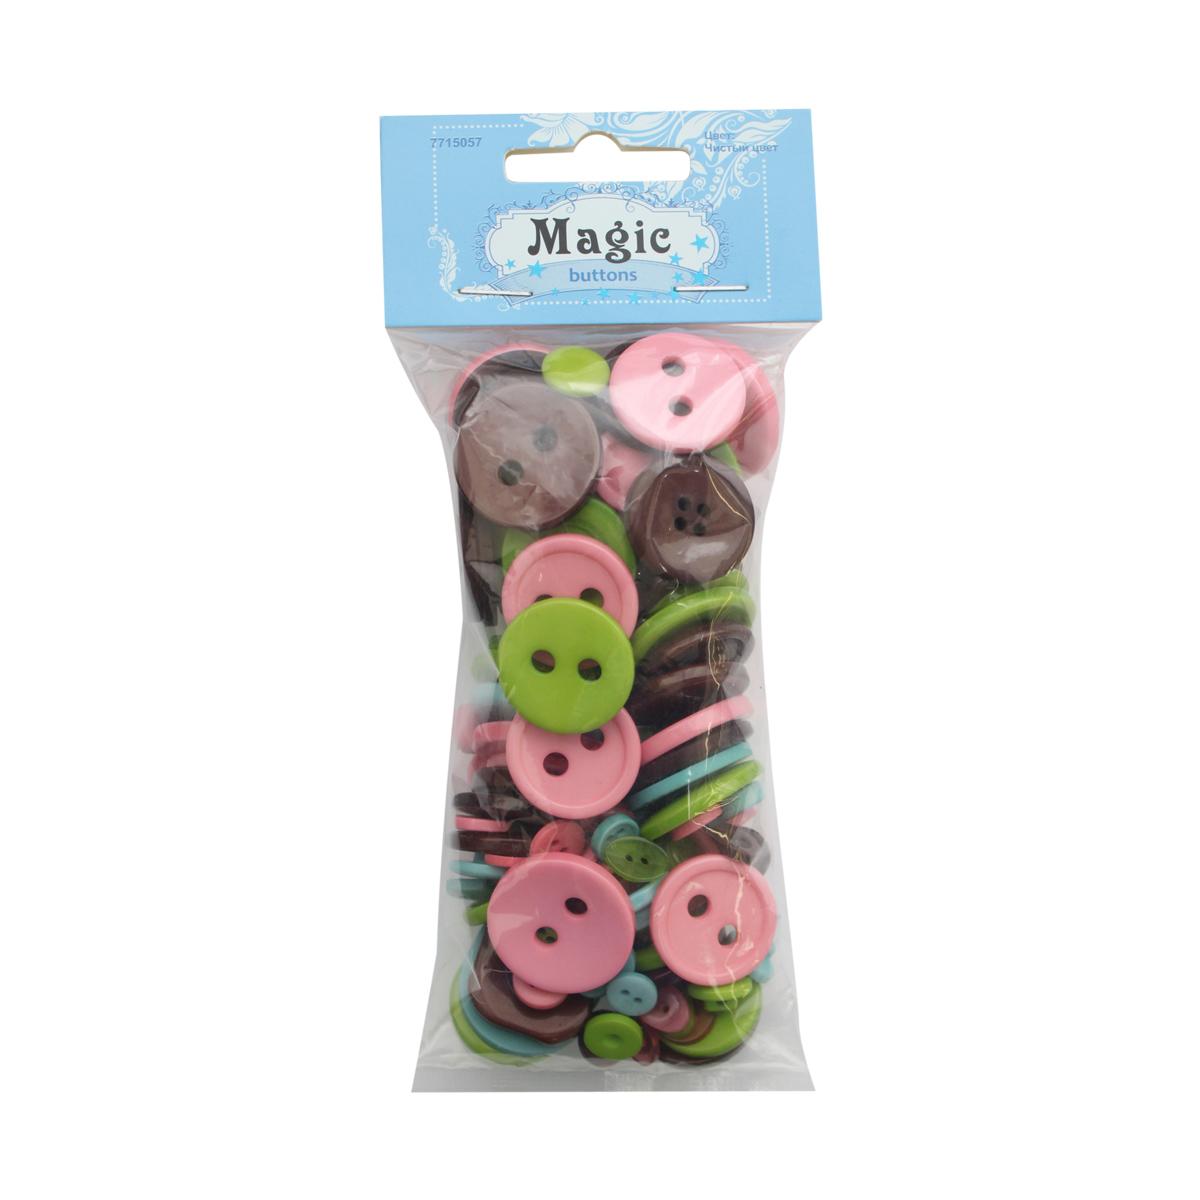 Пуговицы декоративные Magic Buttons Палитра, цвет: розовый, коричневый, зеленый, 100 г7715057_Чистый цветЯркие и красочные пуговицы Magic Buttons станут прекрасным дополнением к любому образу. Пуговицы выполнены в разных цветовых вариантах и формах.